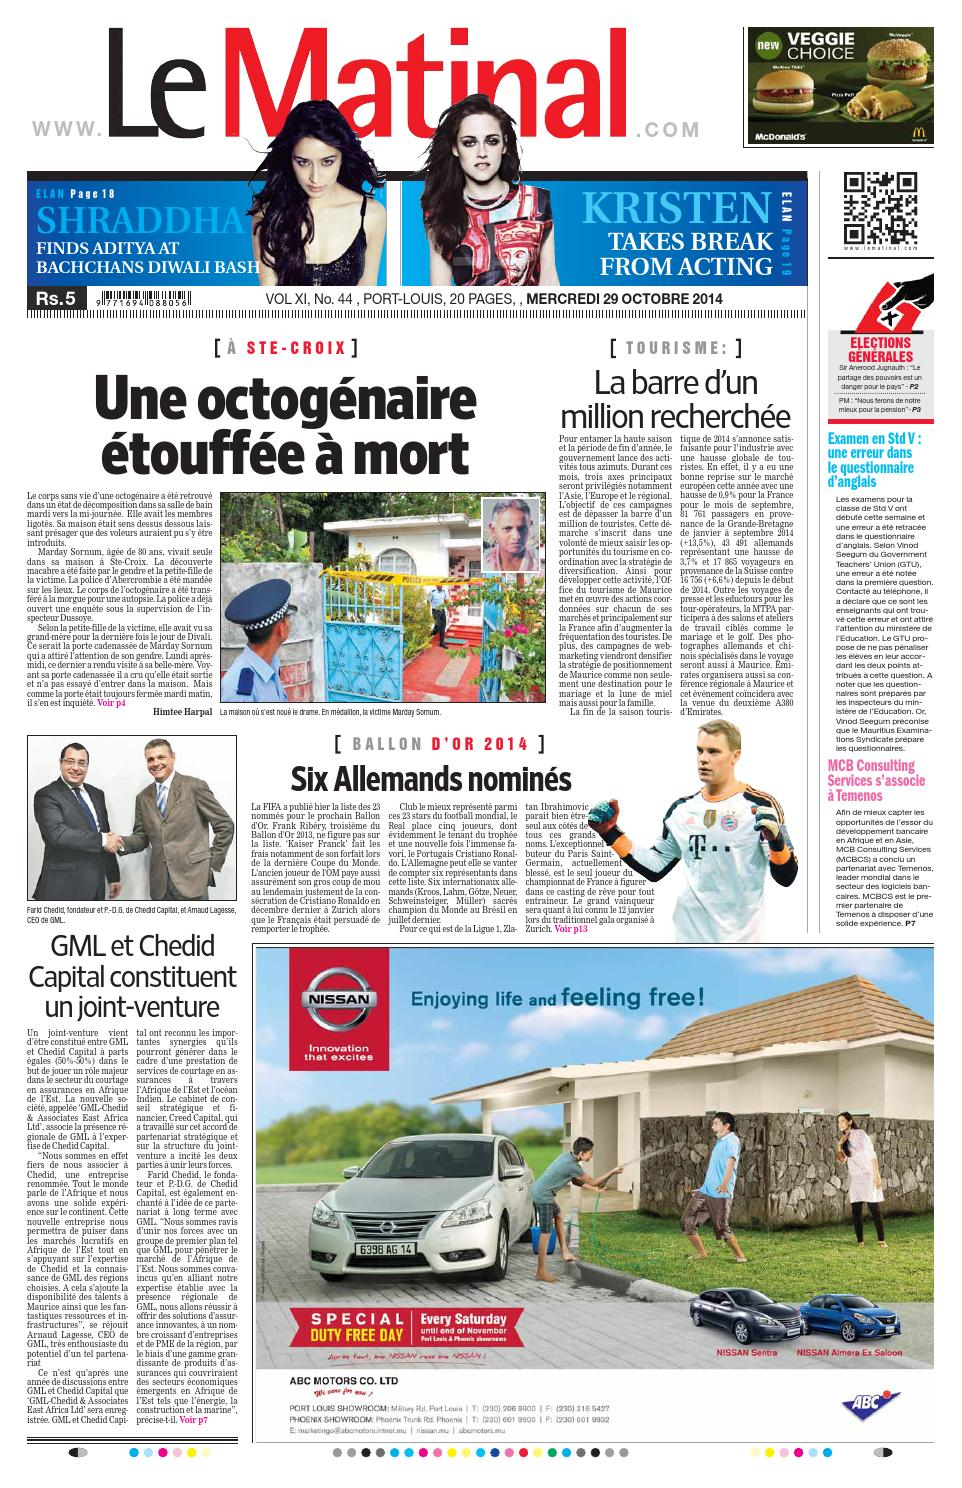 Logiciel de matchmaking kundli téléchargement gratuit Agence de rencontres maidstone.